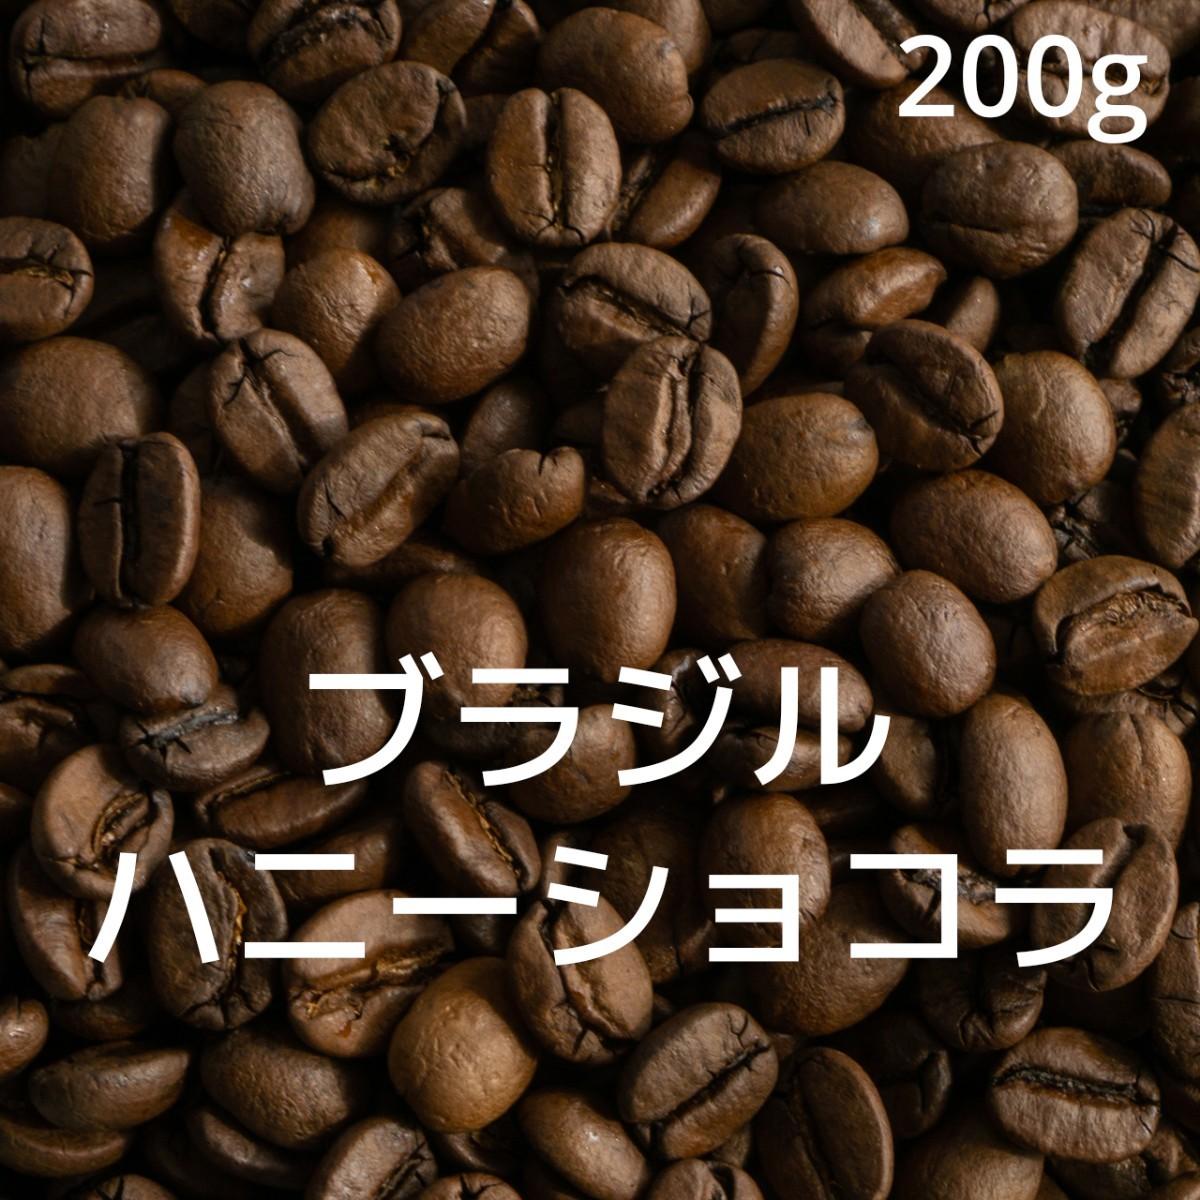 ブラジル ハニーショコラ 200g 自家焙煎 コーヒー豆